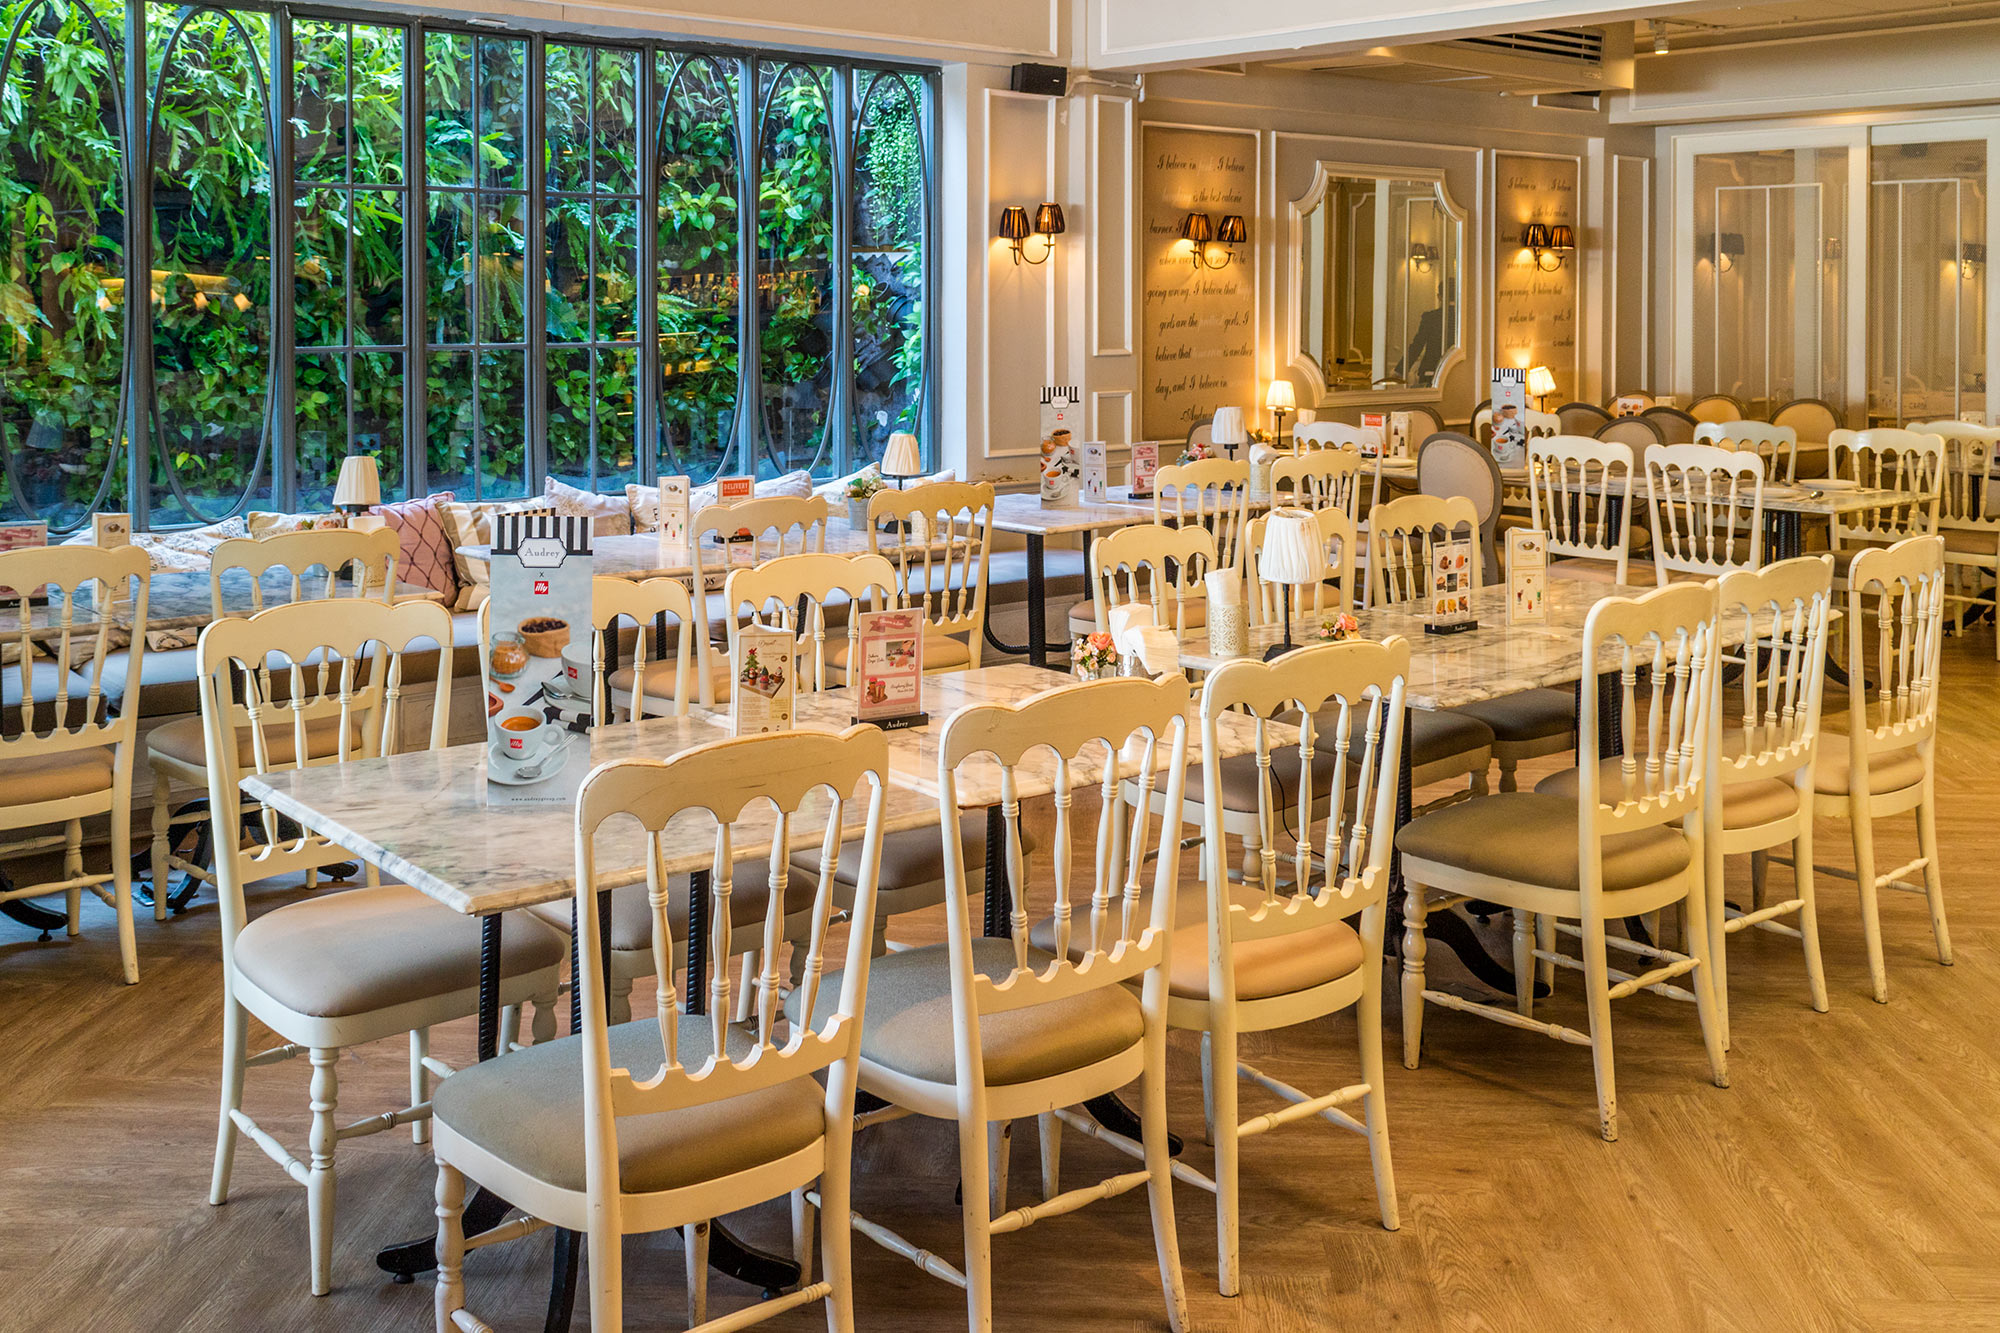 Audrey Cafe & Bistro ออเดรย์ คาเฟ่ แอนด์ บิสโทร ทองหล่อ  Audrey Cafe & Bistro ออเดรย์ คาเฟ่ แอนด์ บิสโทร ทองหล่อ IMG 0477